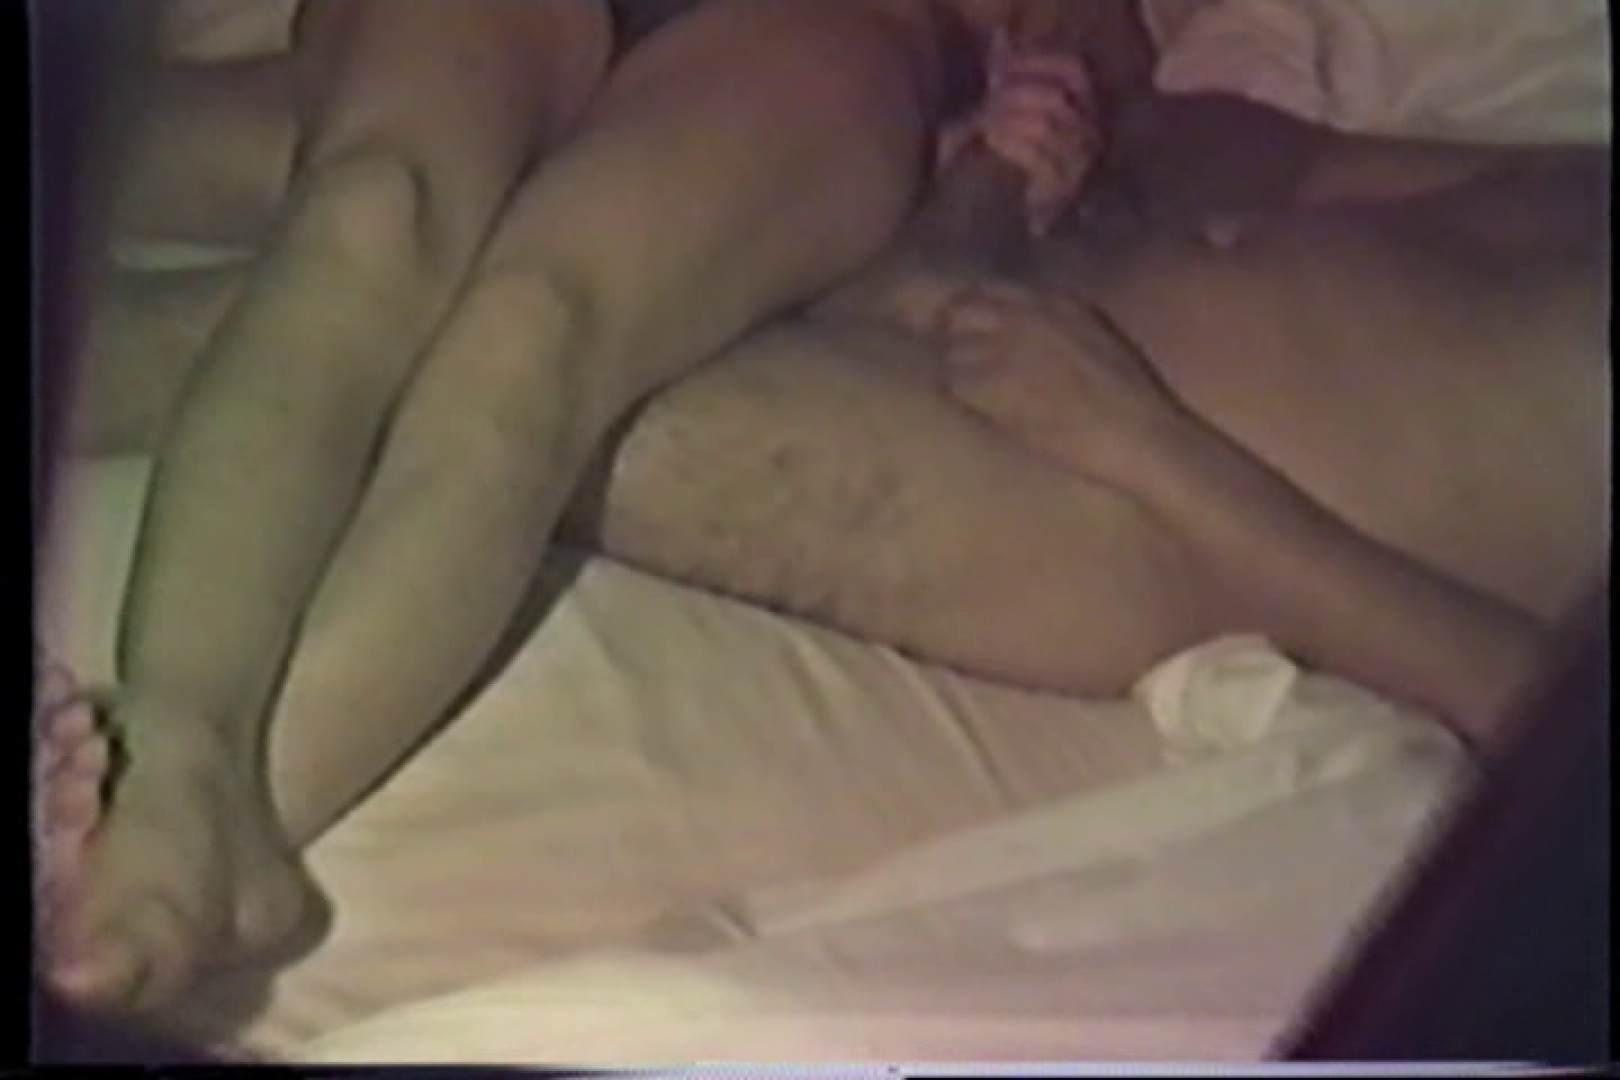 実録!ラブホテル~消し忘れ注意!昭和の色編~ vol.10 ラブホテル セックス無修正動画無料 99枚